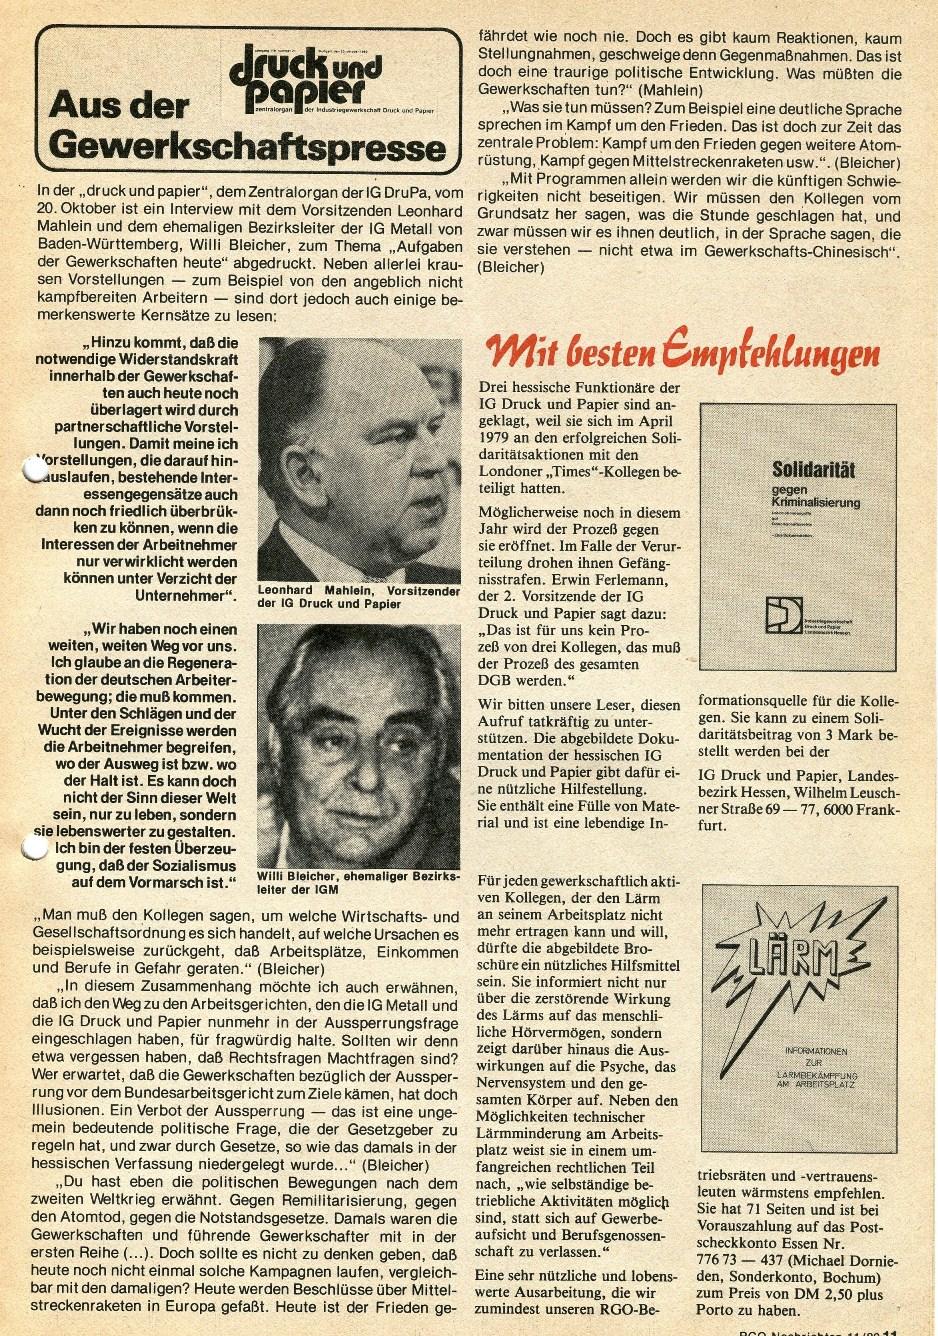 RGO_RGO_Nachrichten_1980_11_11